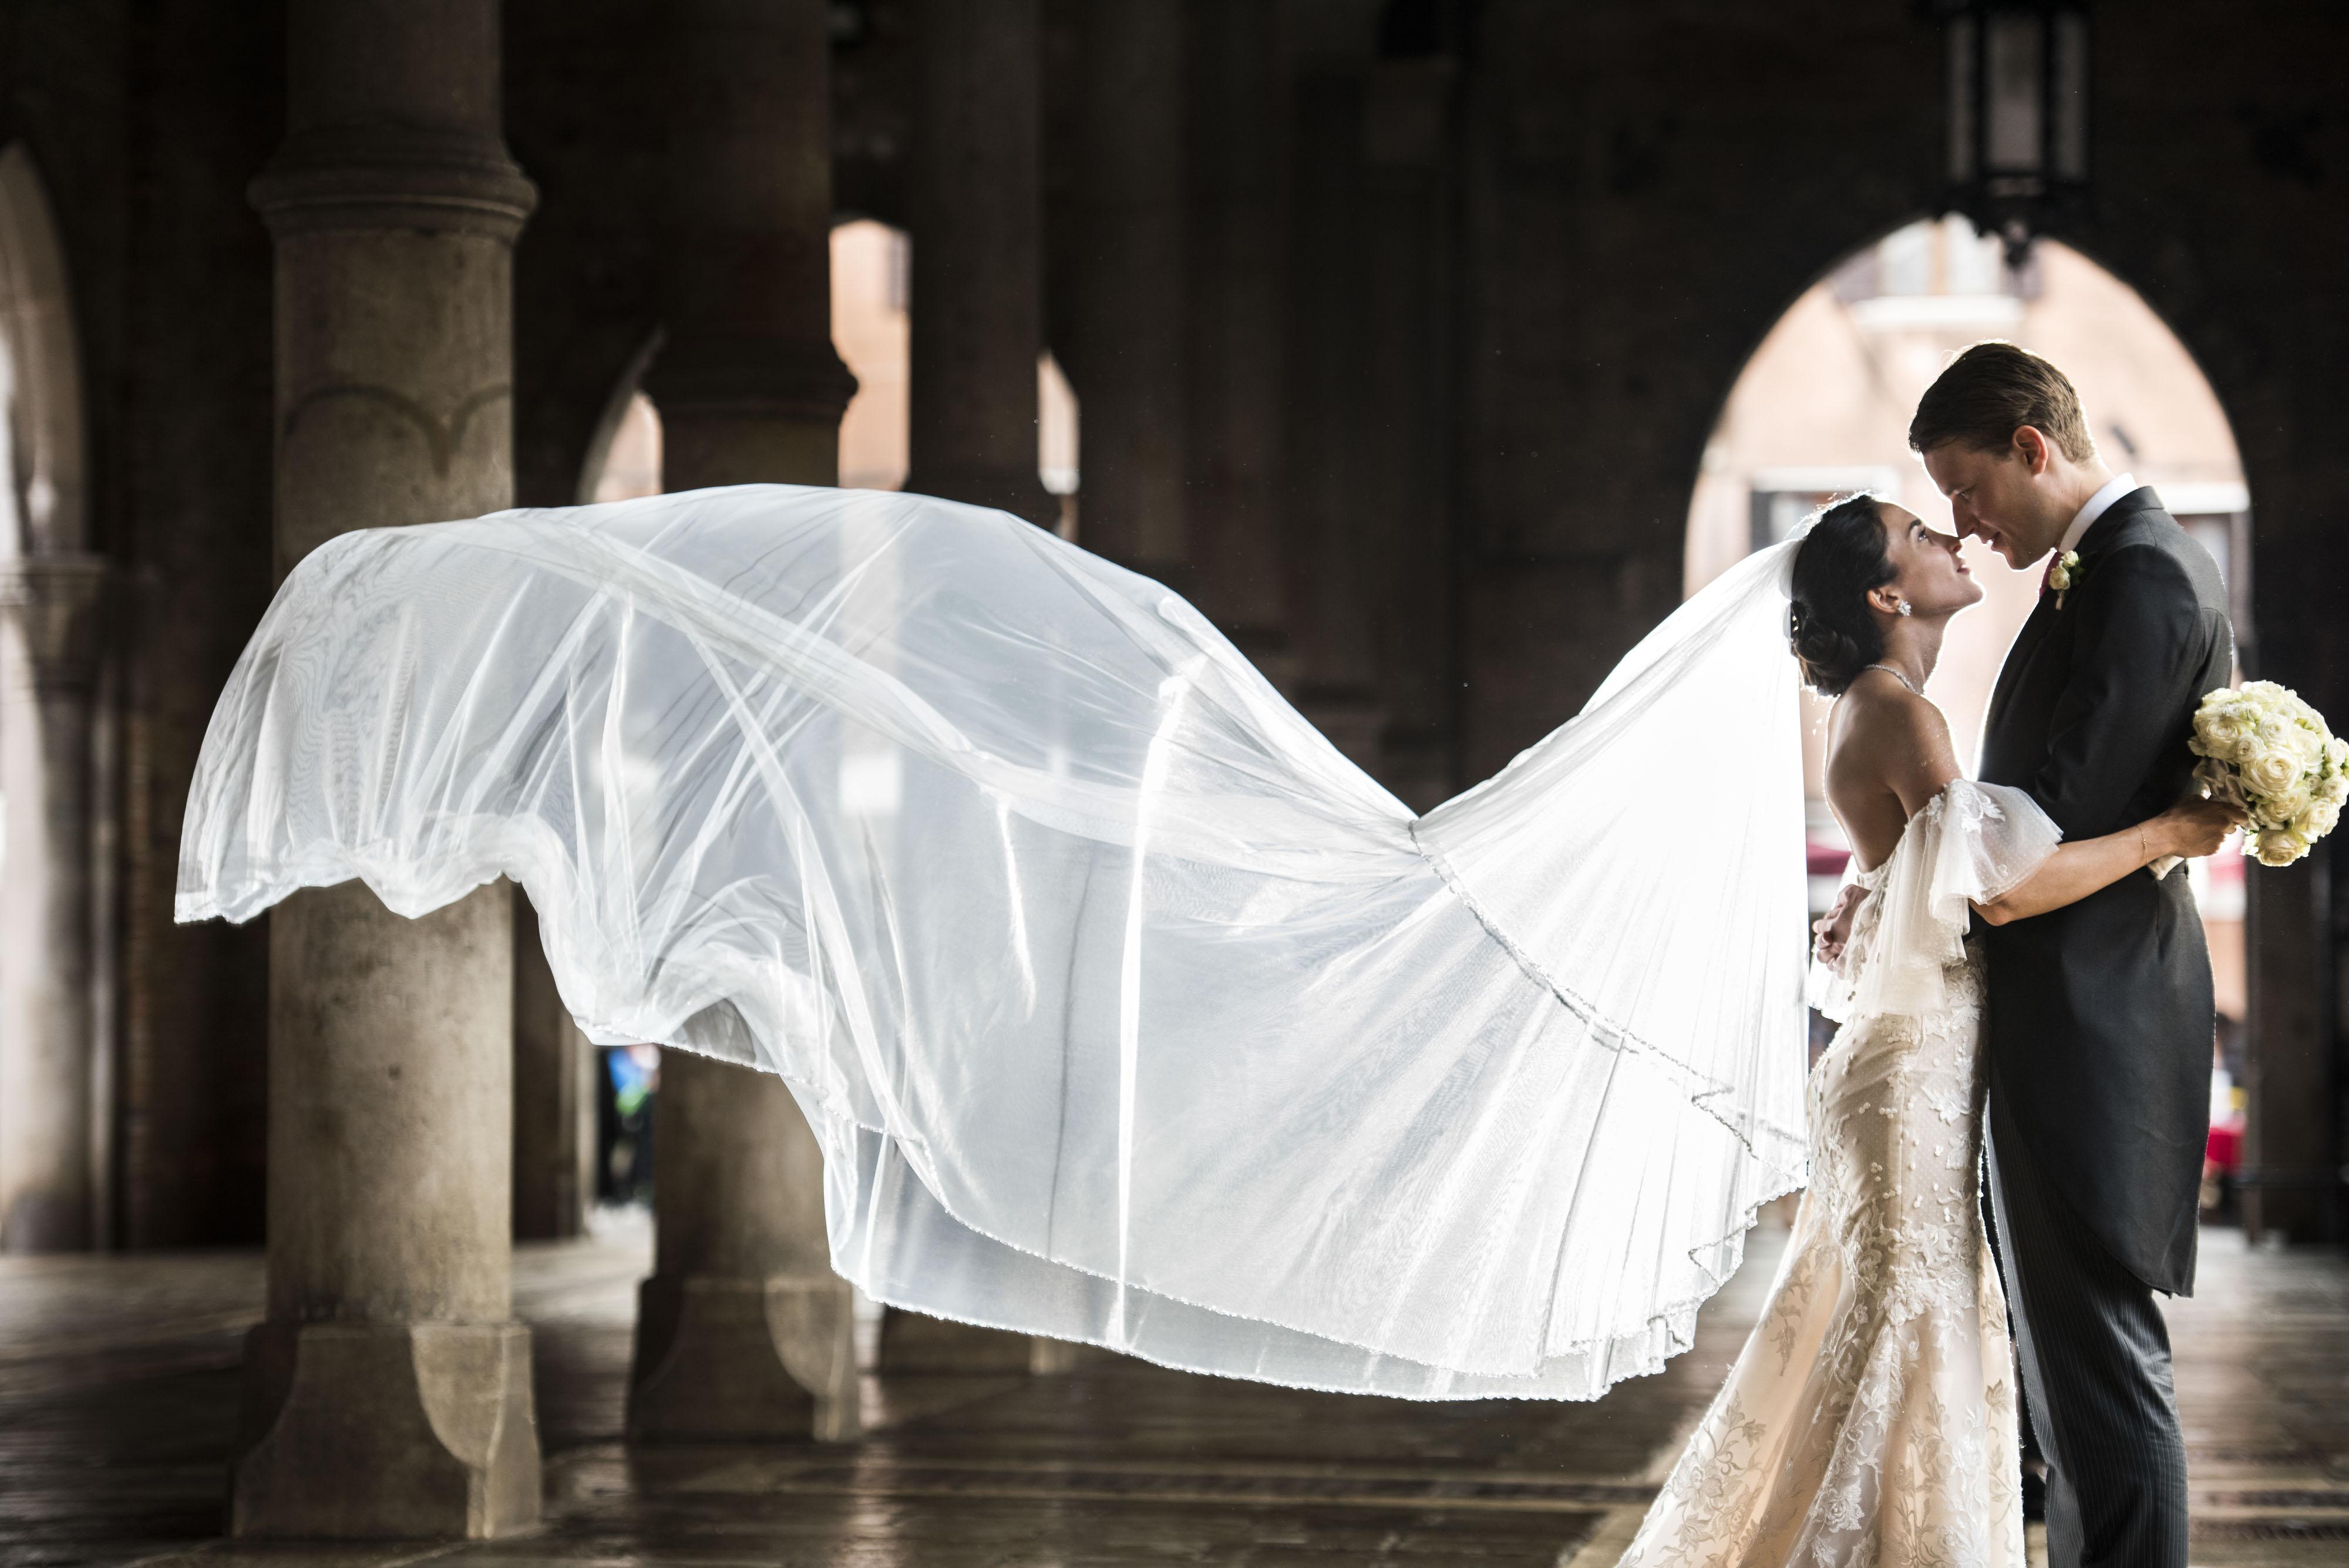 Stefano und Walter, Hochzeitsfotografie , Venedig, Hotel Excelsior